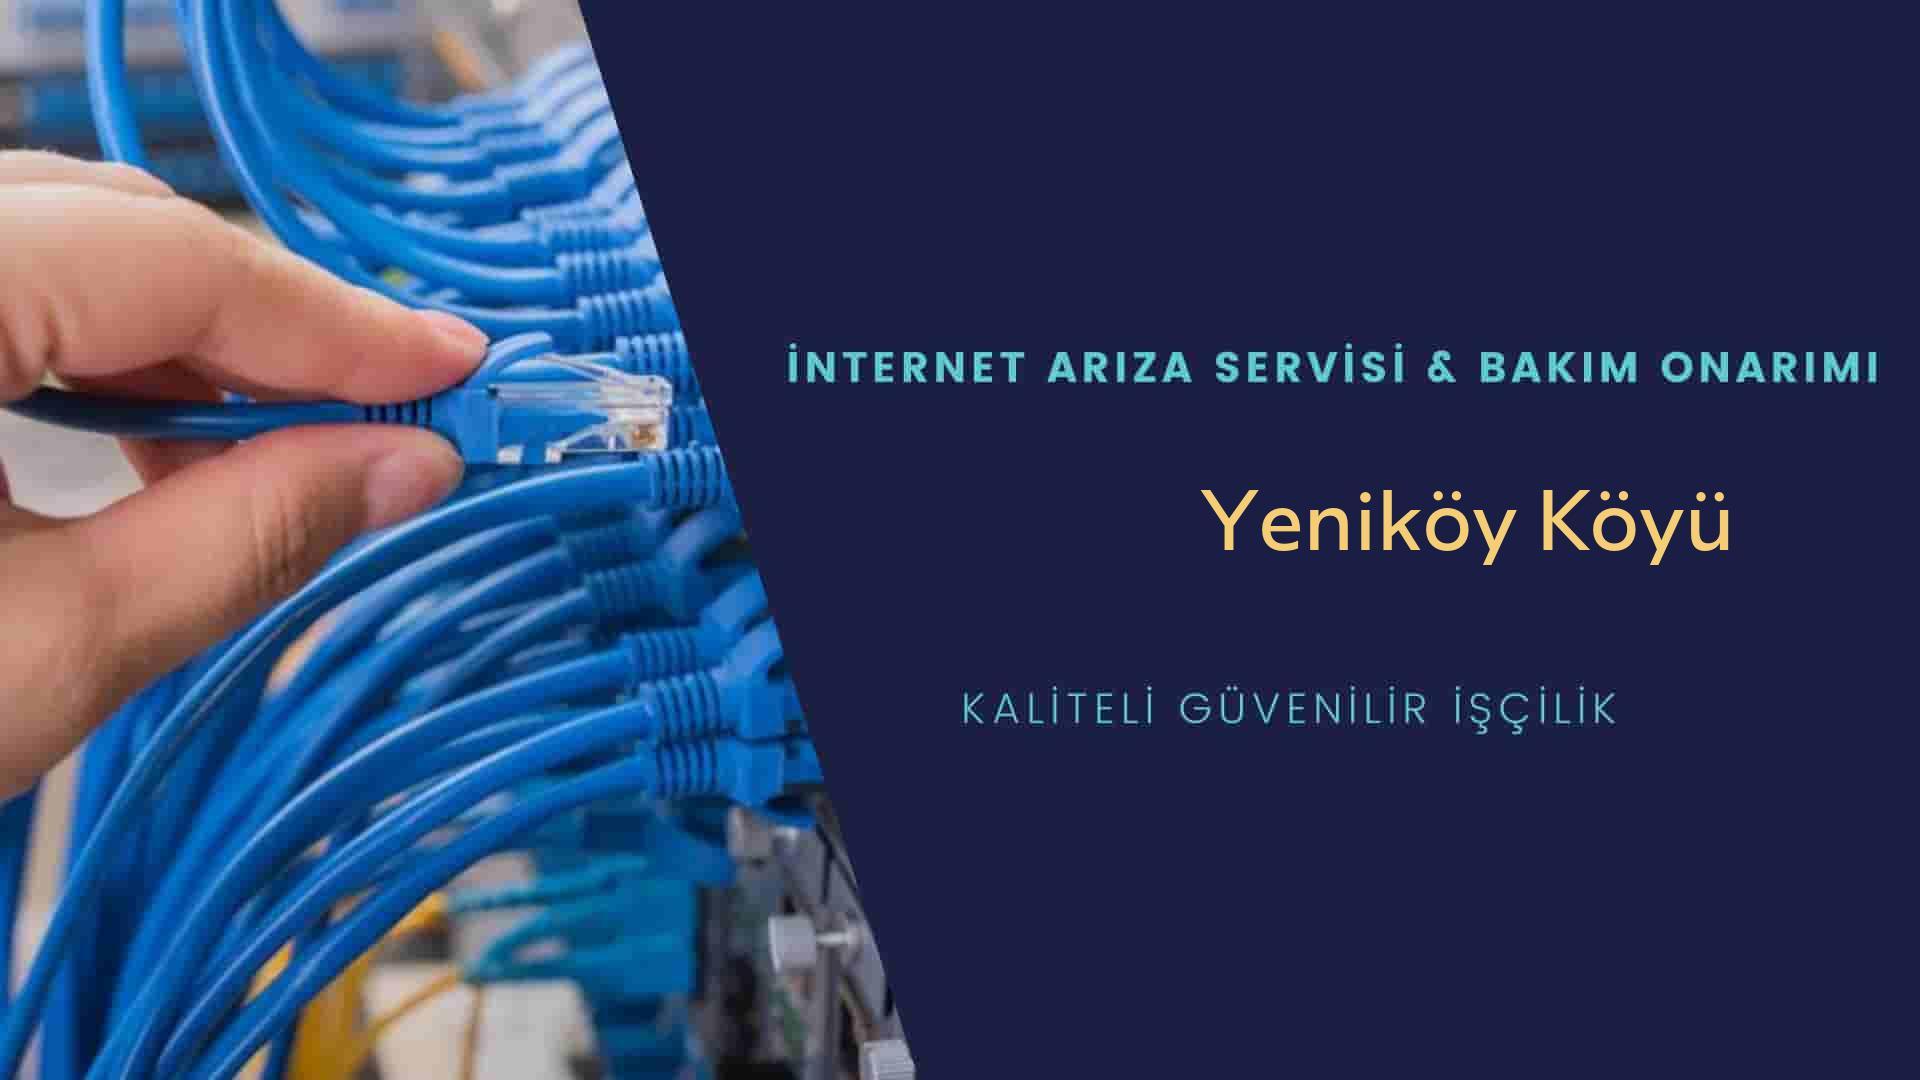 Yeniköy Köyü internet kablosu çekimi yapan yerler veya elektrikçiler mi? arıyorsunuz doğru yerdesiniz o zaman sizlere 7/24 yardımcı olacak profesyonel ustalarımız bir telefon kadar yakındır size.